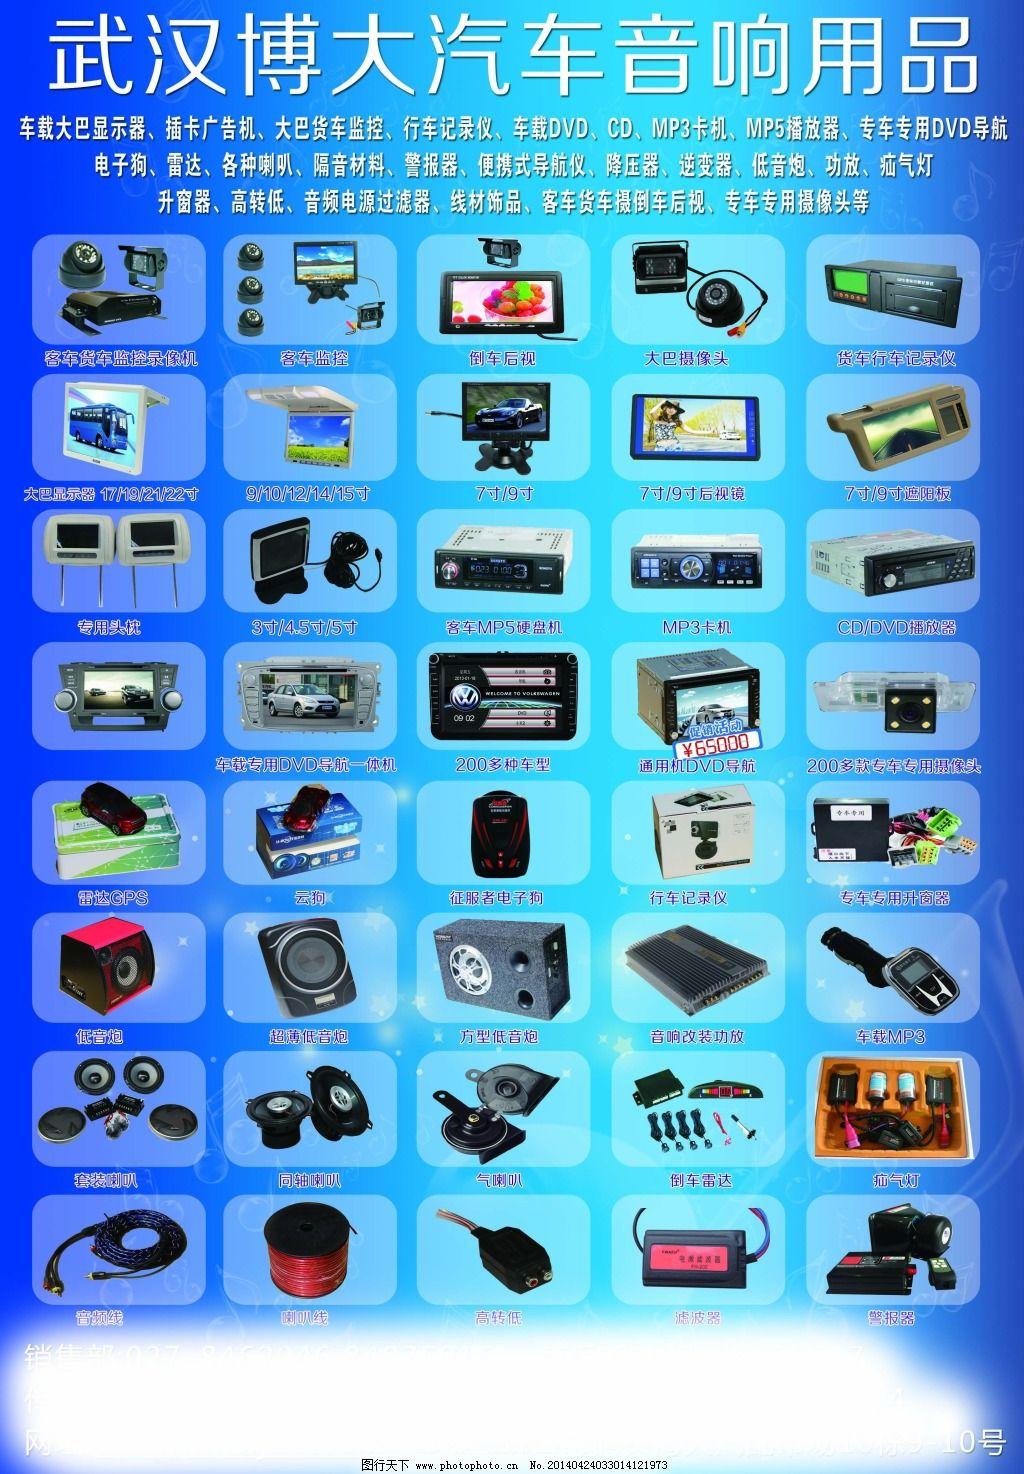 汽车用品排版免费下载 产品排版 蓝色背景 汽车用品 汽车用品 产品图片